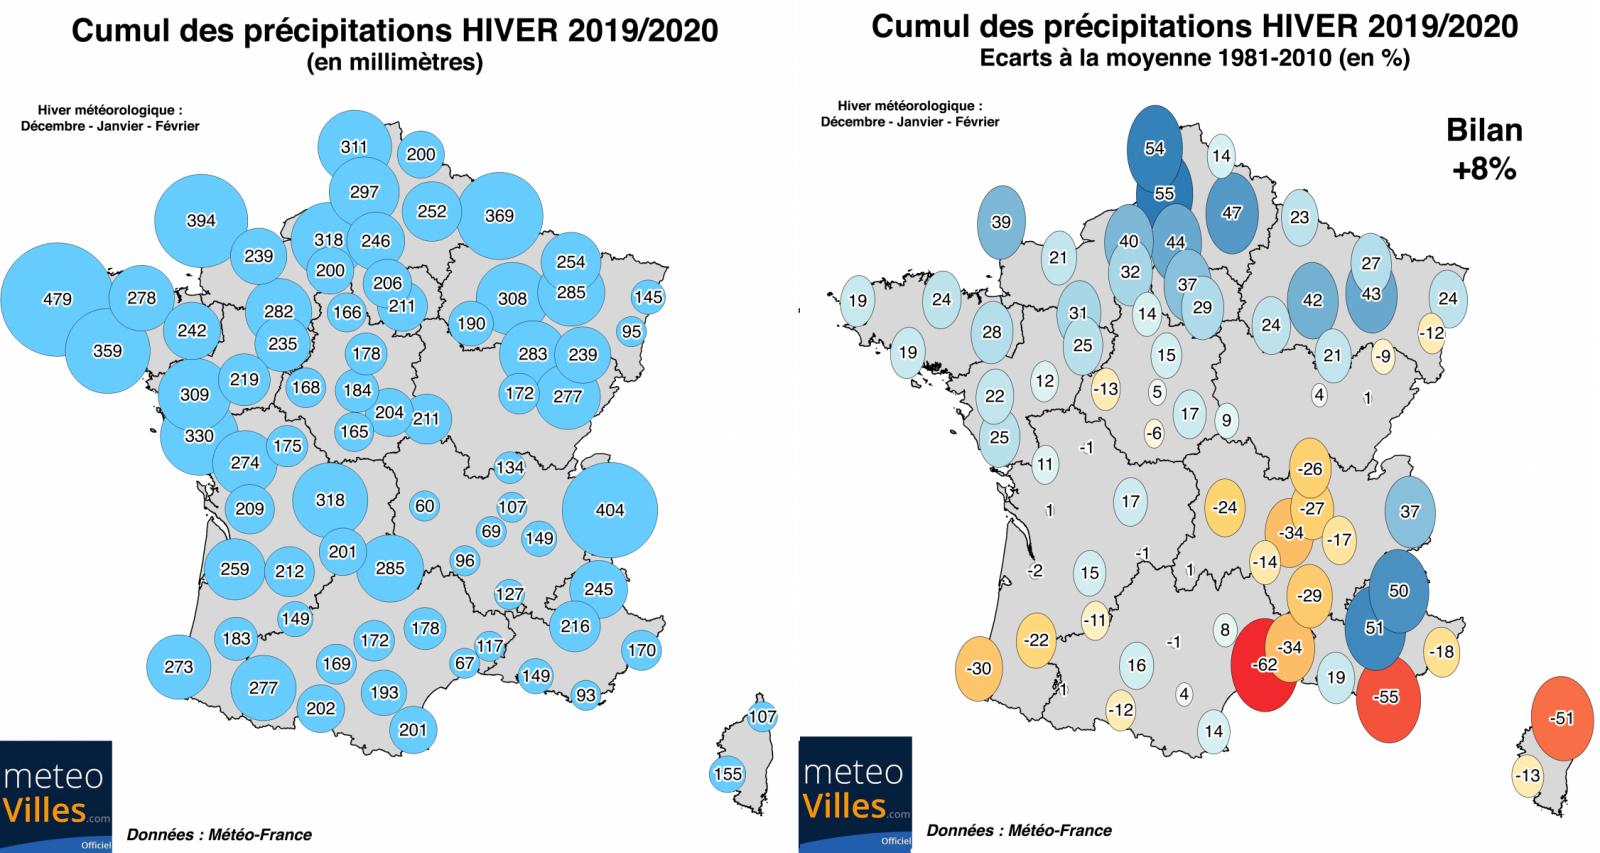 carte sécheresse france 2020 Une sécheresse est elle possible sur la France cet été ?   06 mars